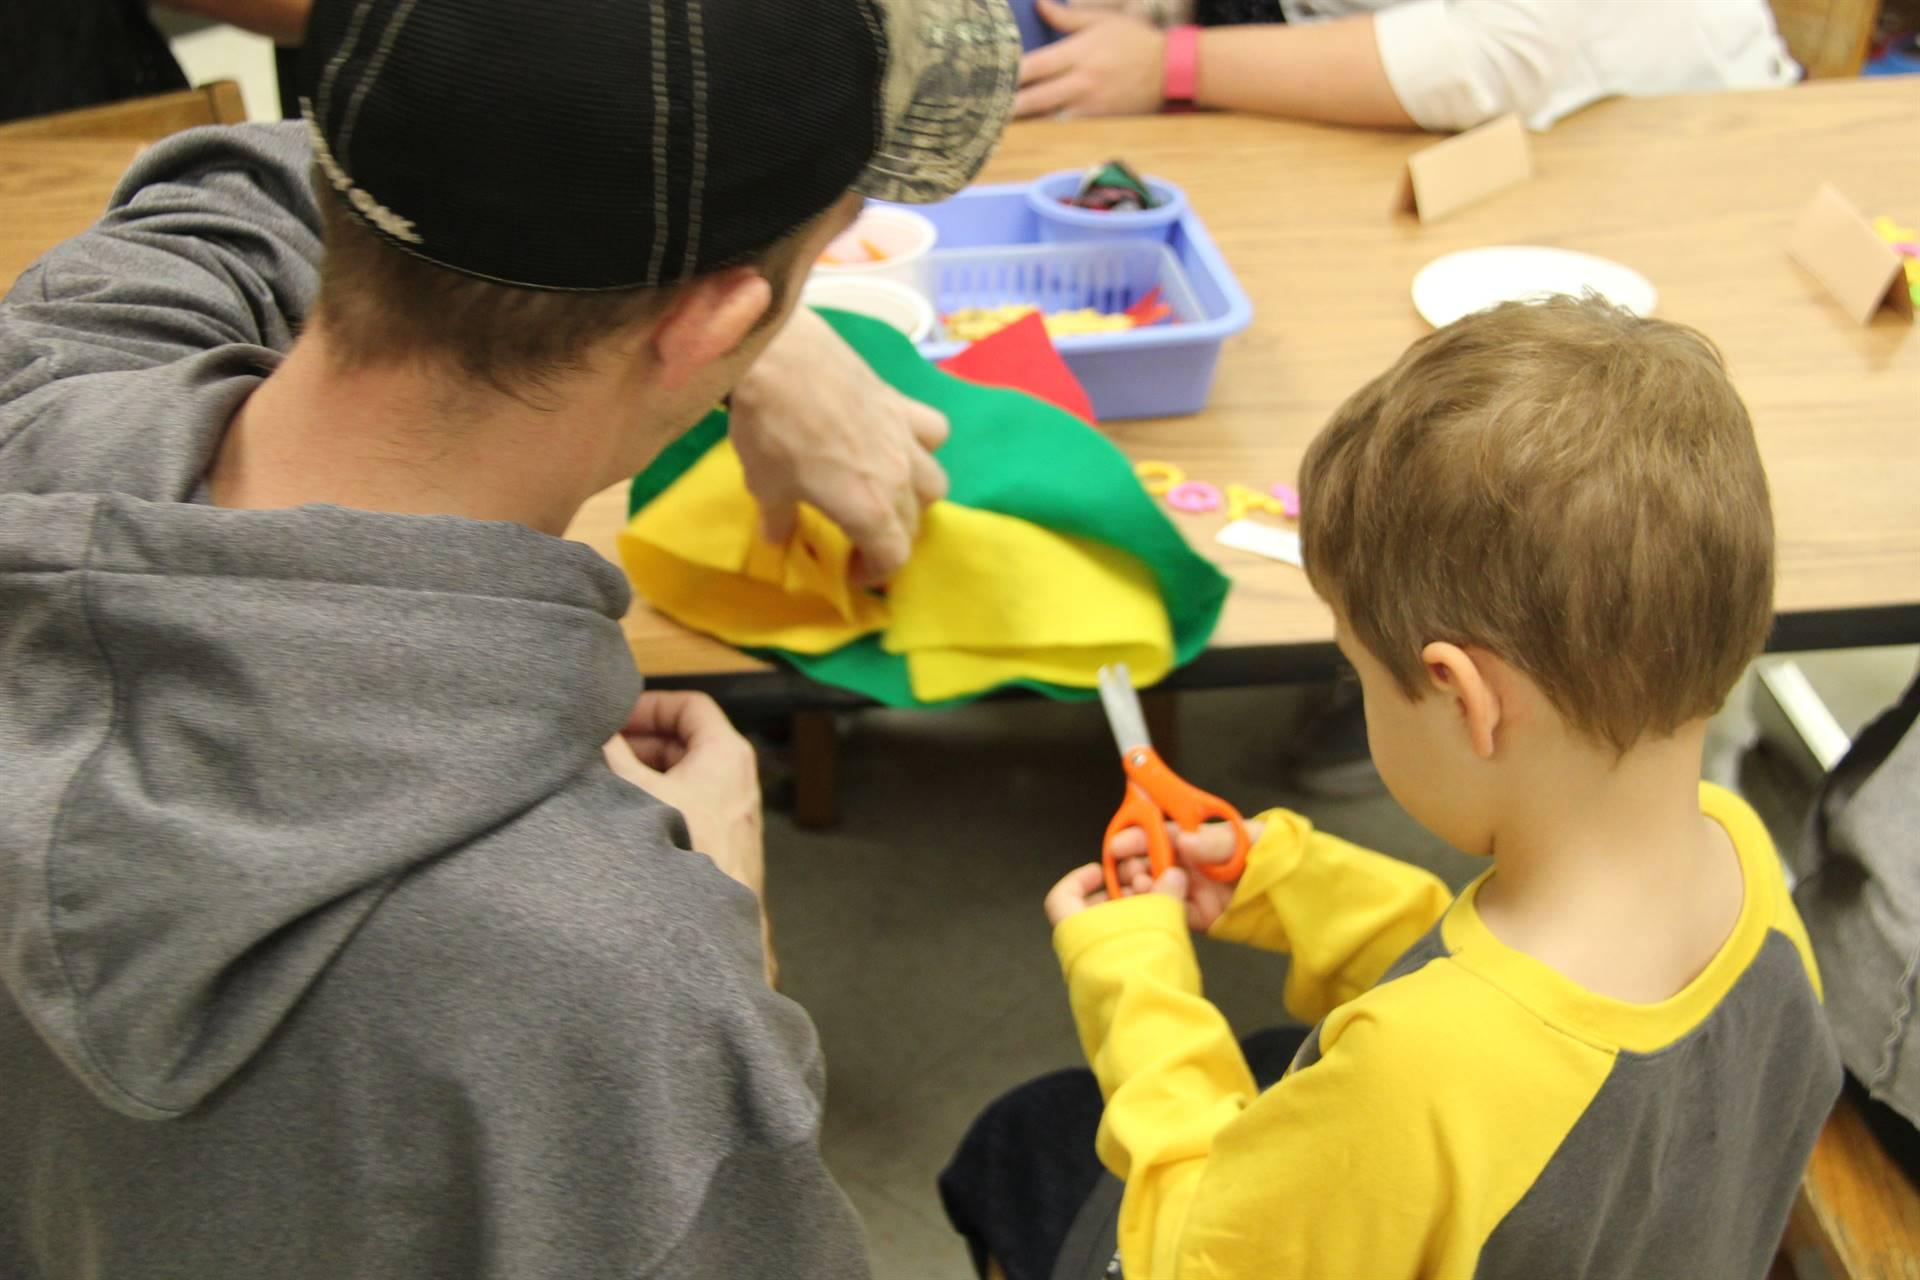 man helping boy cut scarecrow hat